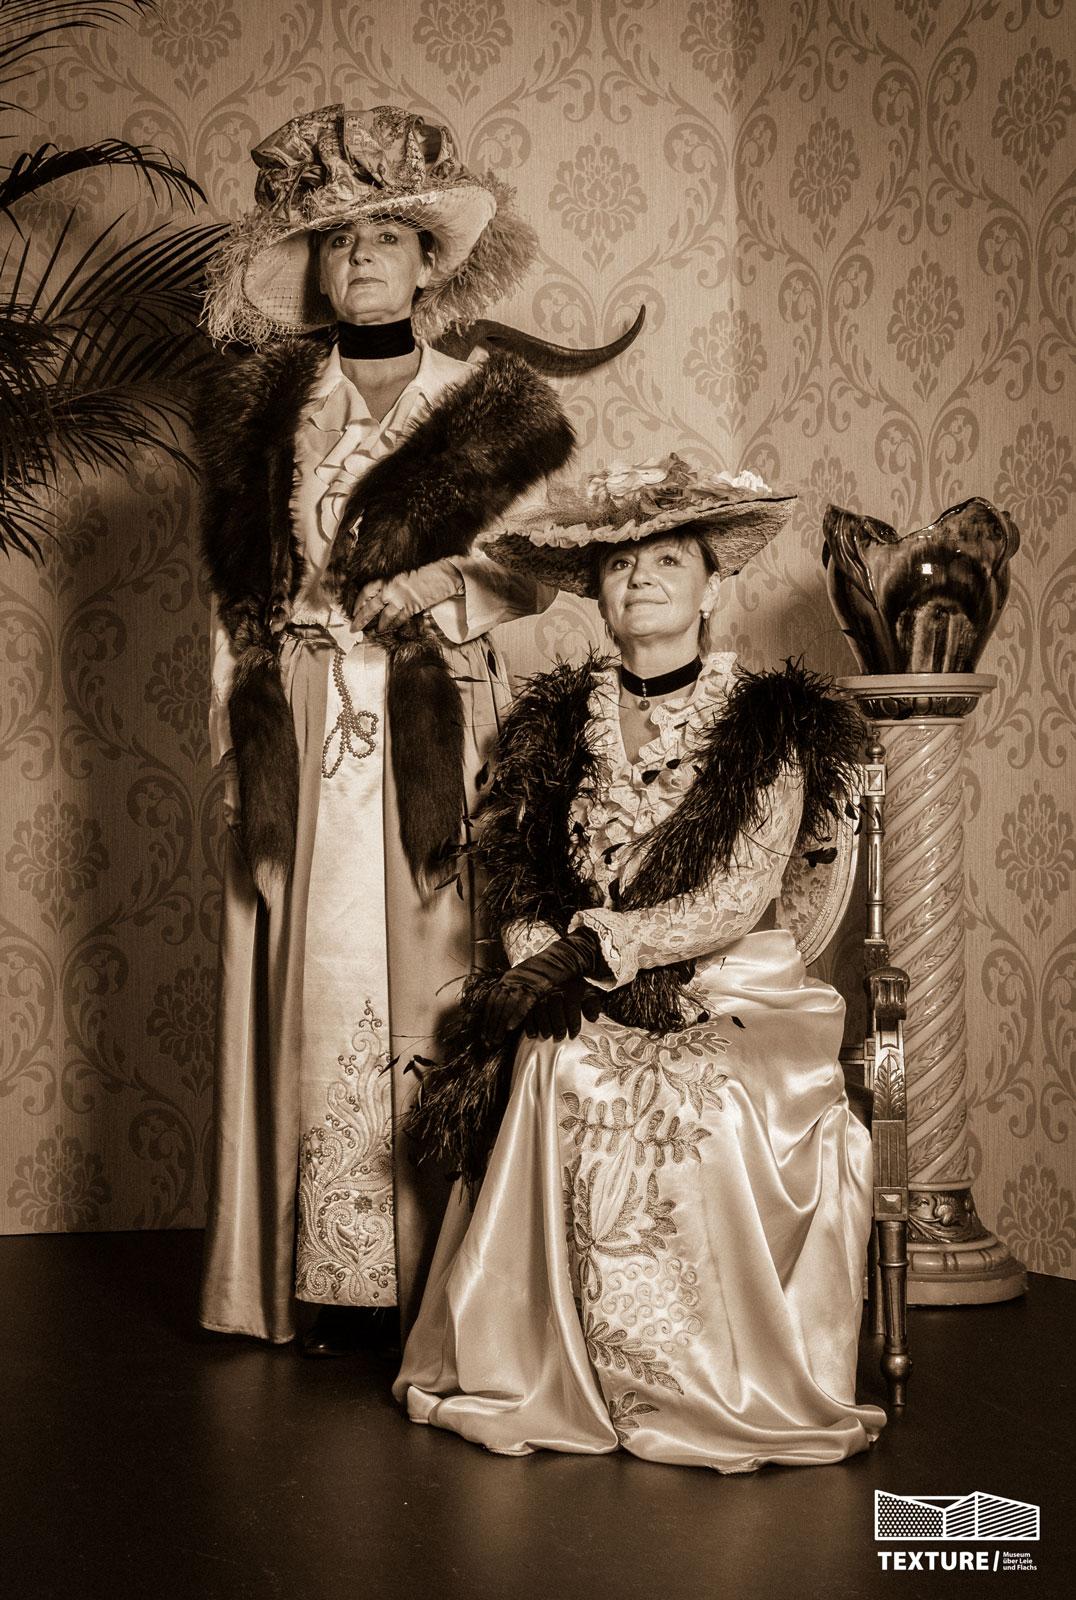 Fotoshoot in victoriaanse Stijl in museum Texture te Kortrijk tijdens Erfgoeddag